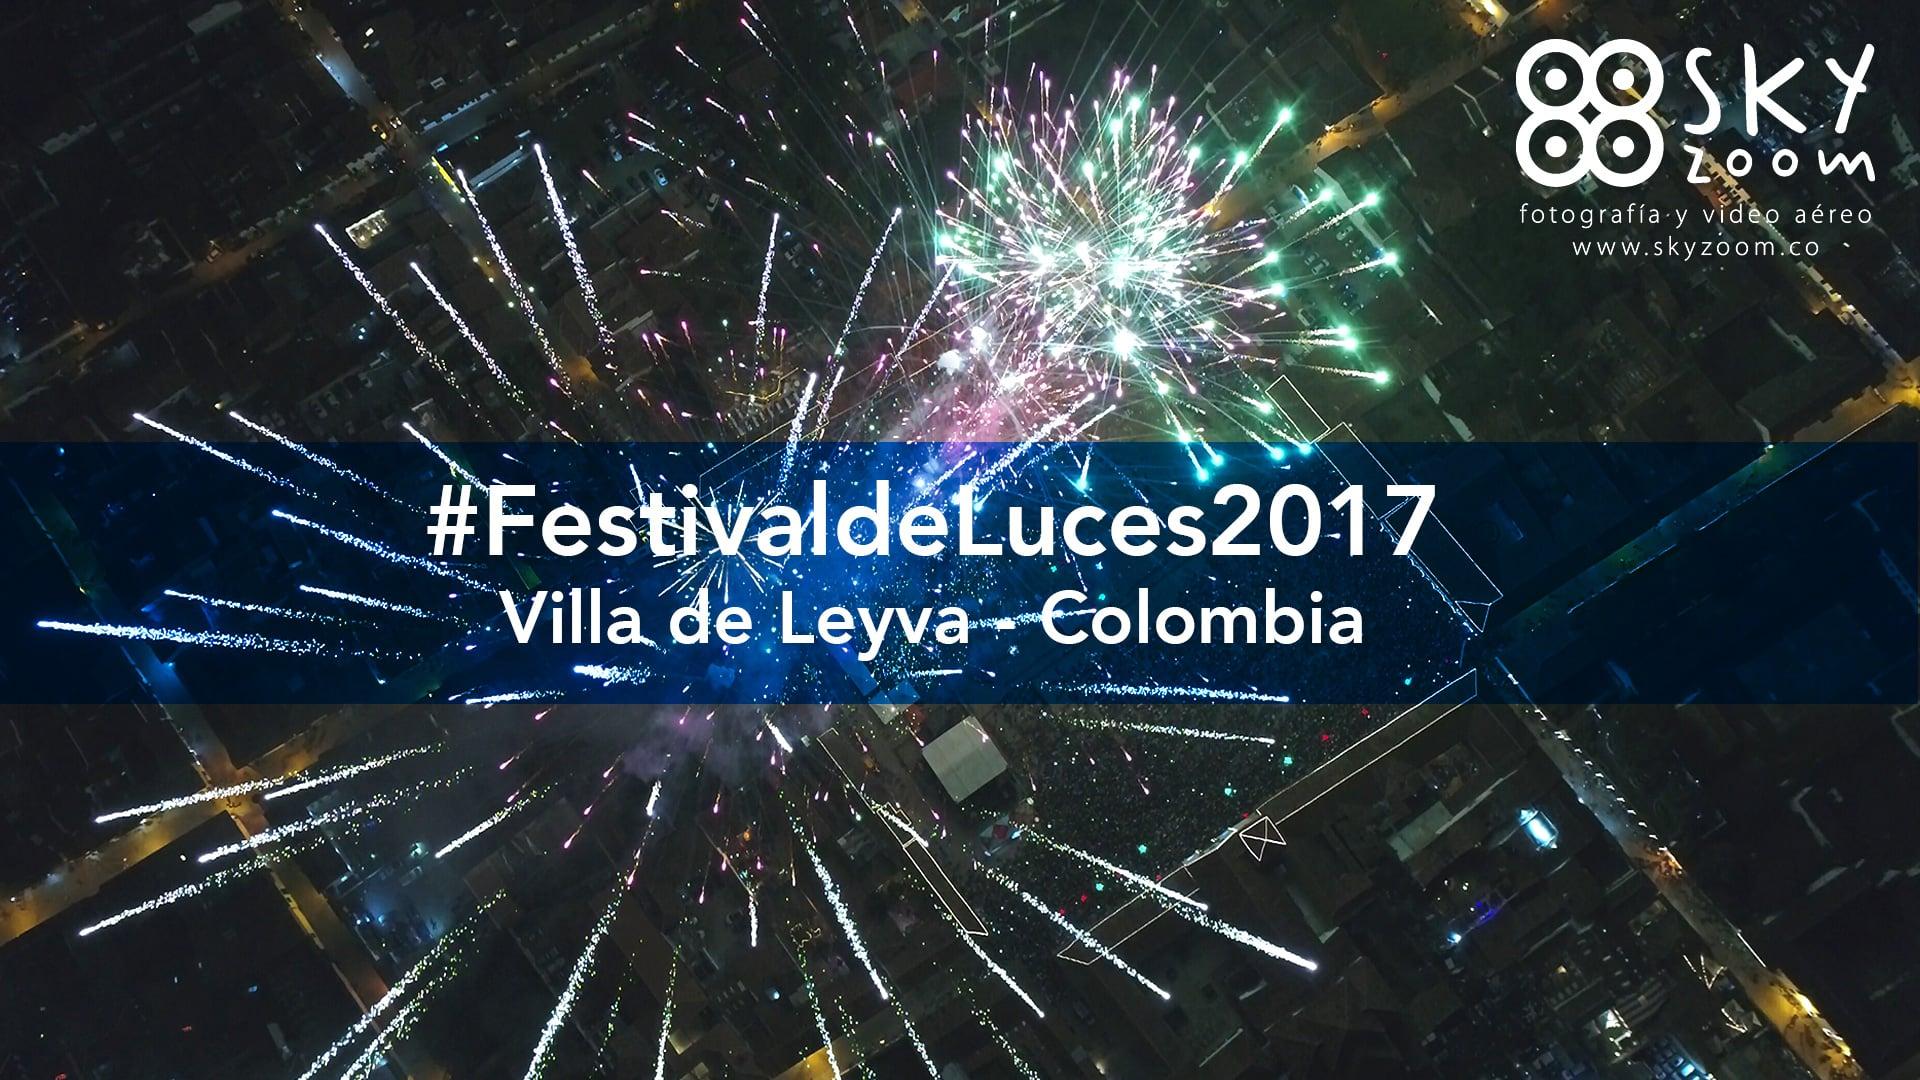 Villa de Leyva Festival de Luces 2017